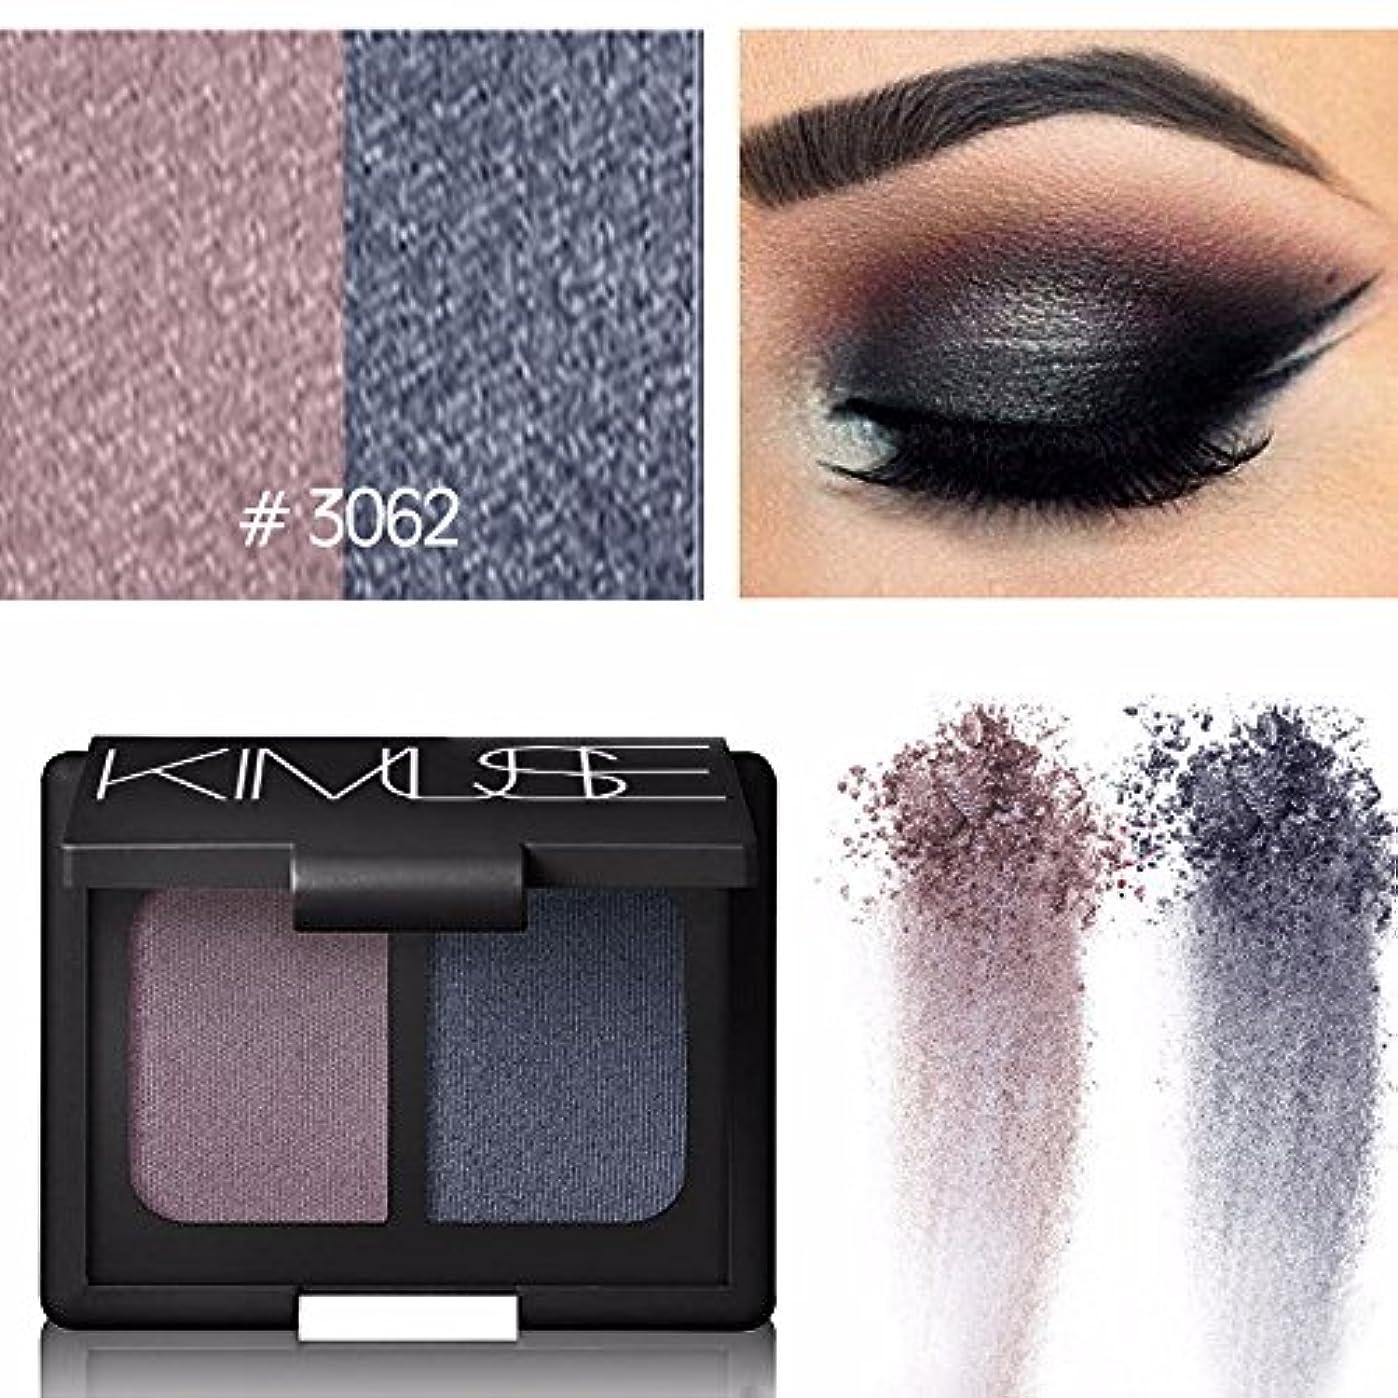 描写従順な矩形Akane アイシャドウパレット KIMUSE ファッション 魅力的 気質的 人気 綺麗 マット チャーム つや消し 長持ち おしゃれ 持ち便利 Eye Shadow (2色5組み)